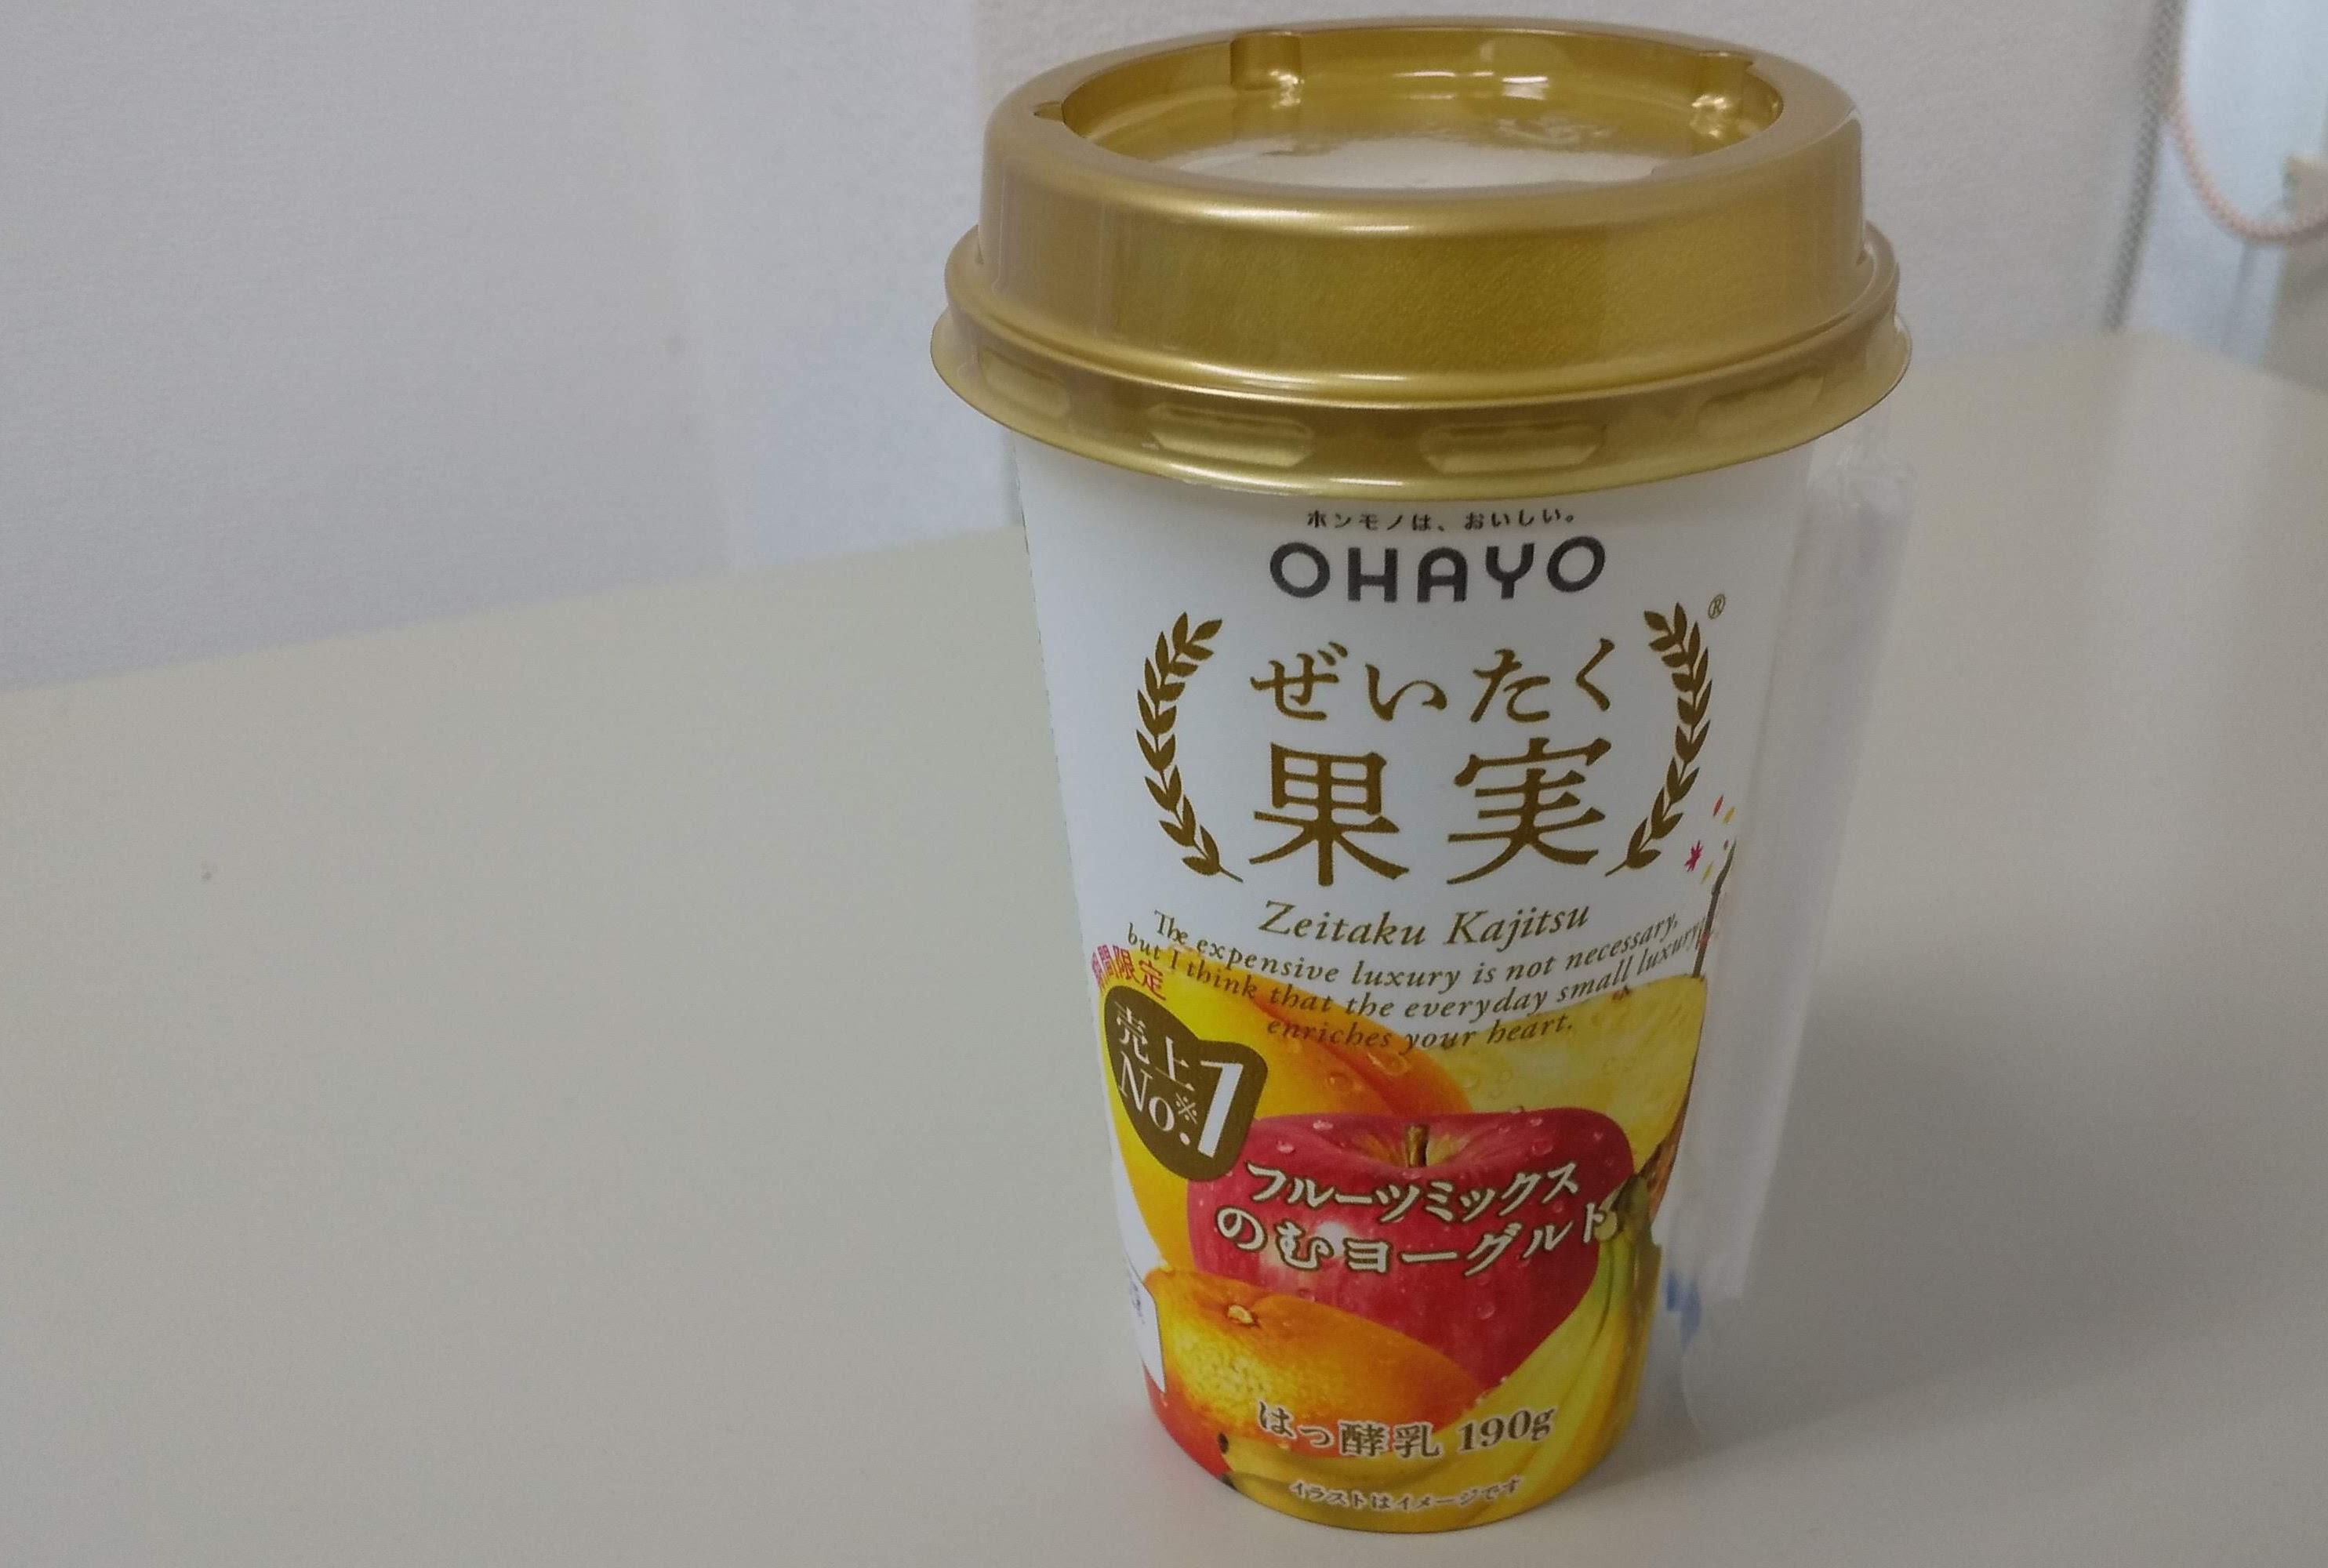 OHAYO【ぜいたく果実フルーツミックスのむむヨーグル】ト